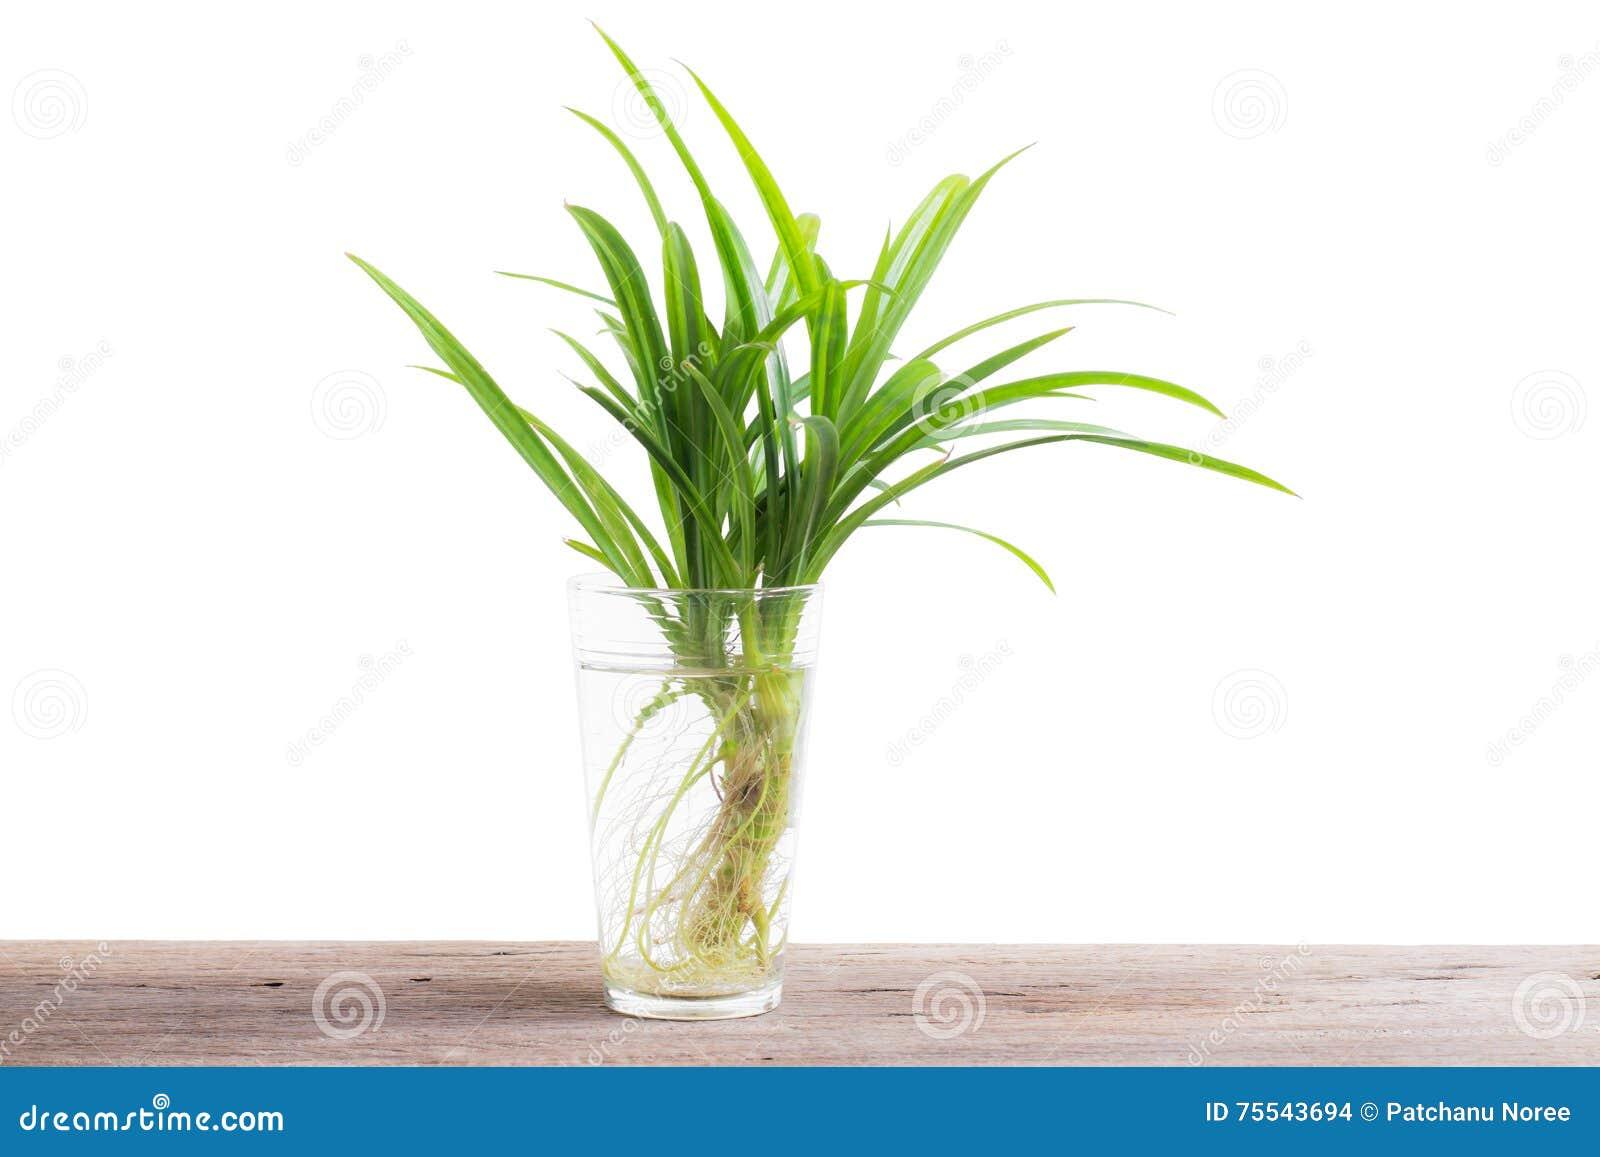 Πράσινο φύλλο του pandan χορταριού στο ποτήρι του νερού σε ξύλινο